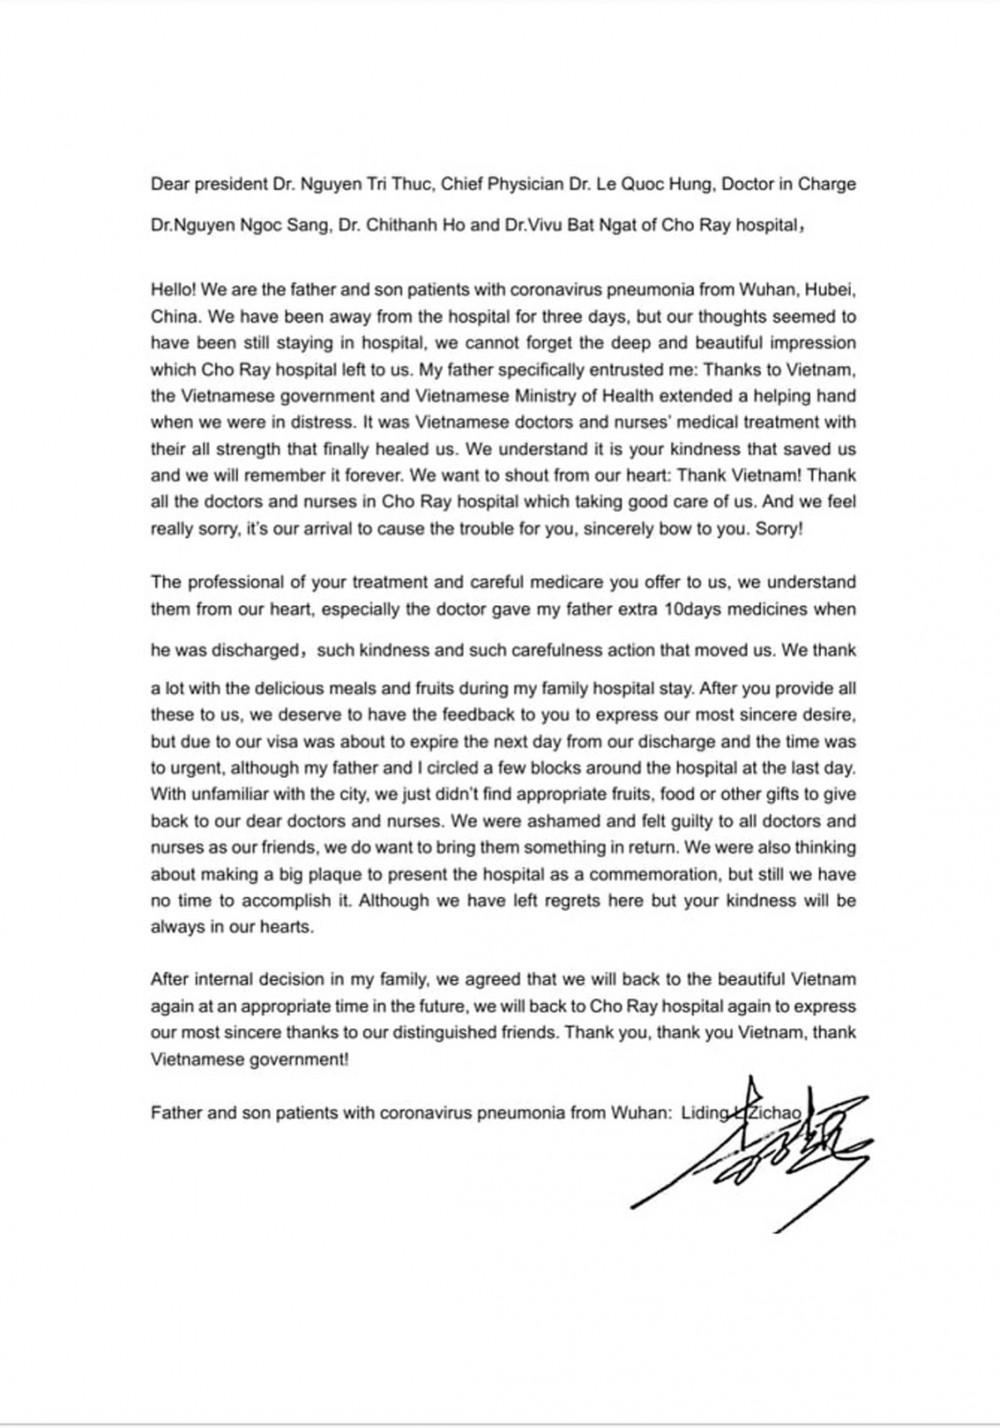 Lá thư cảm ơn gửi tới Việt Nam